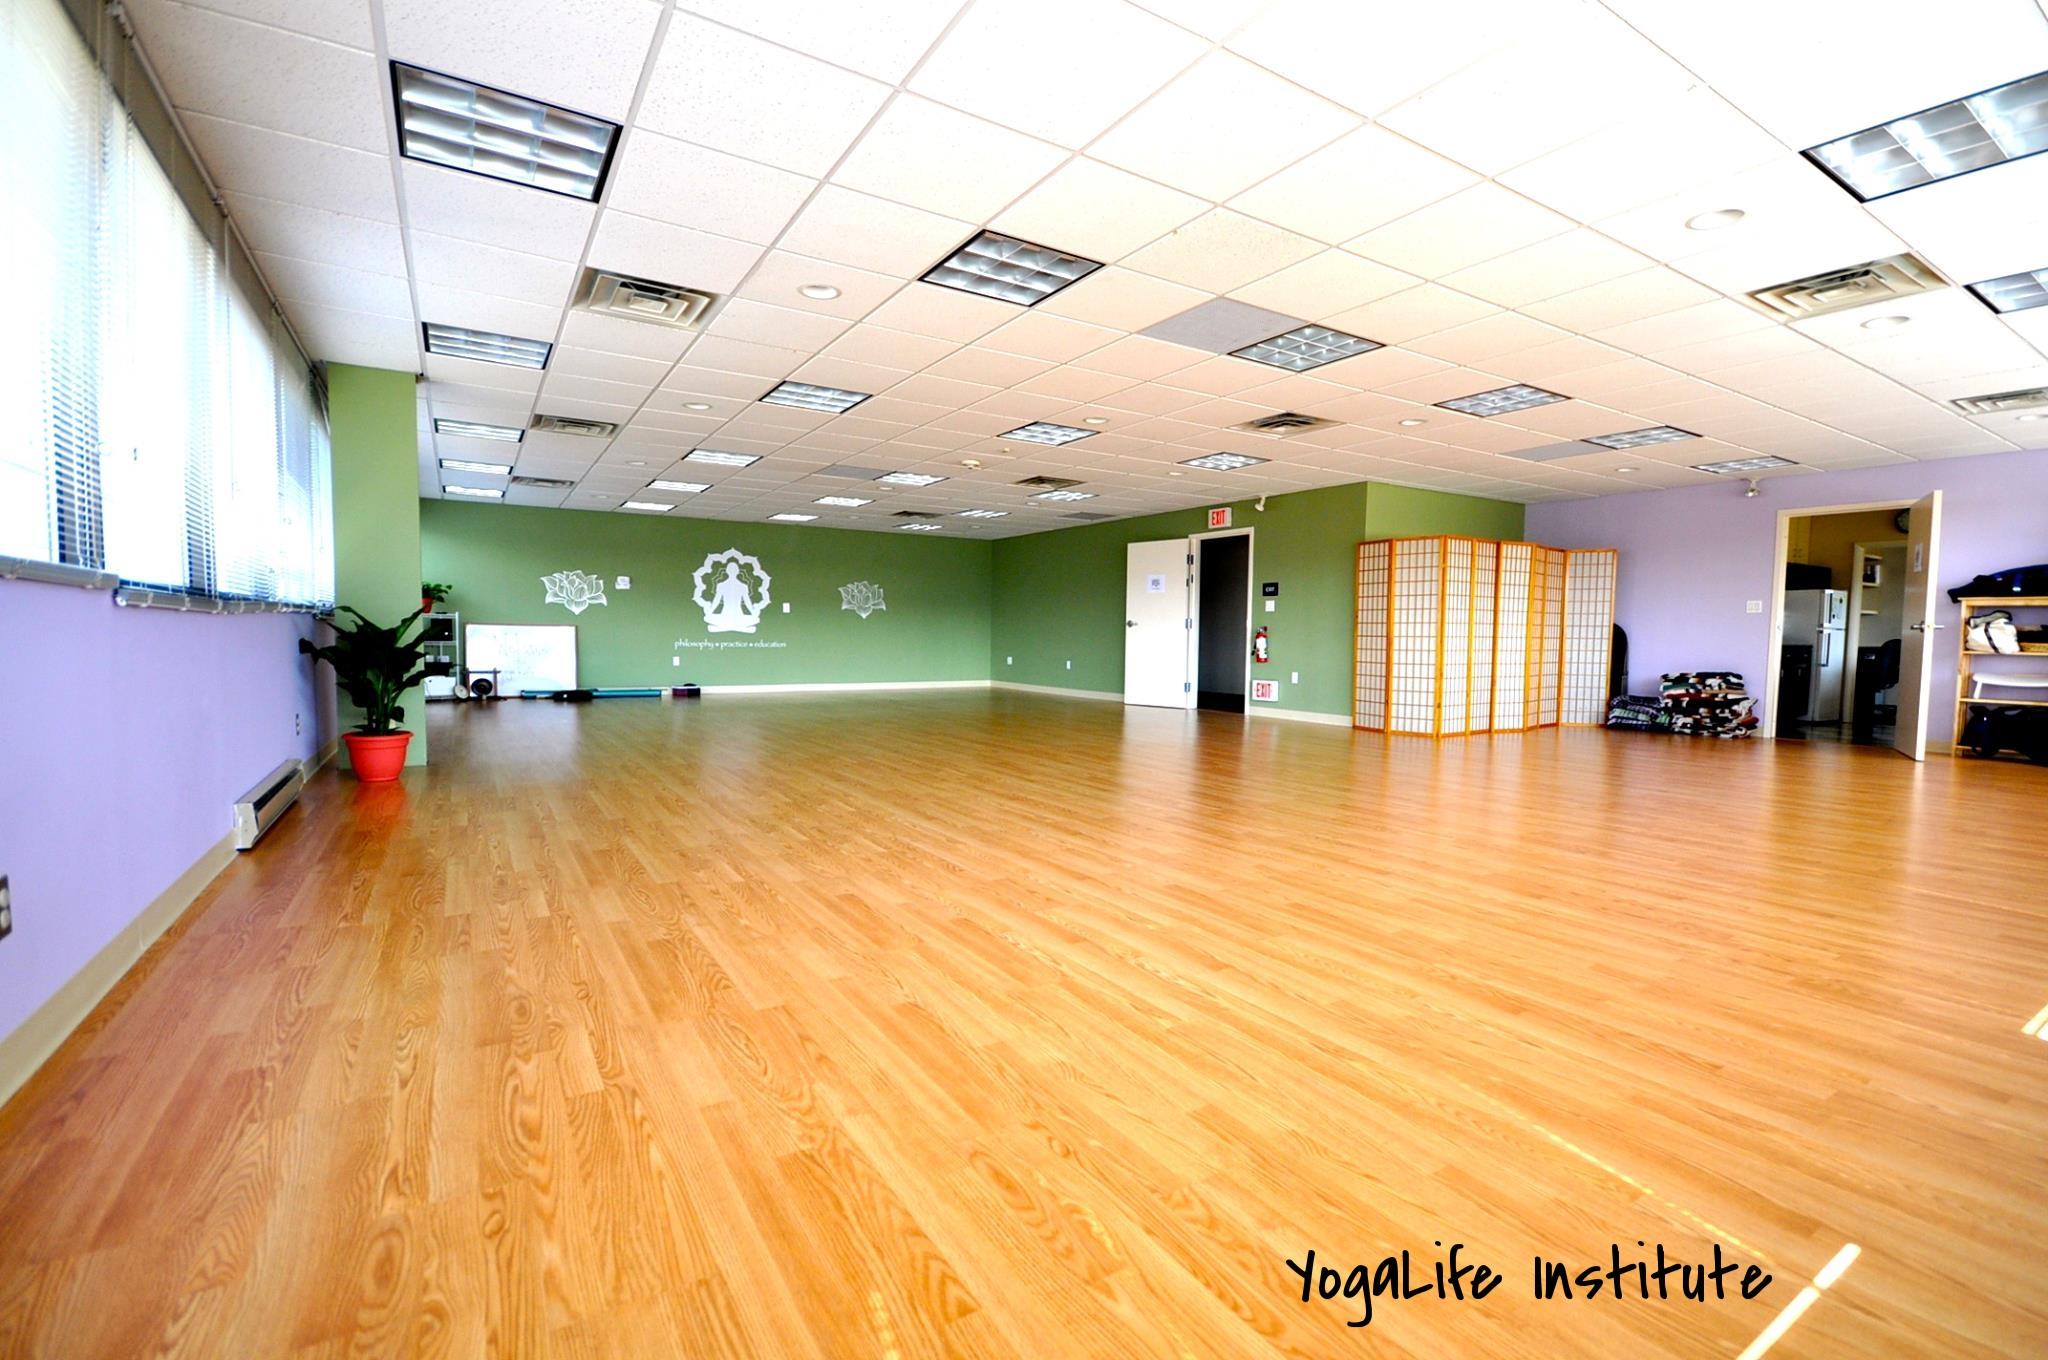 YogaLife-Institute-Pennsylvania5.jpg